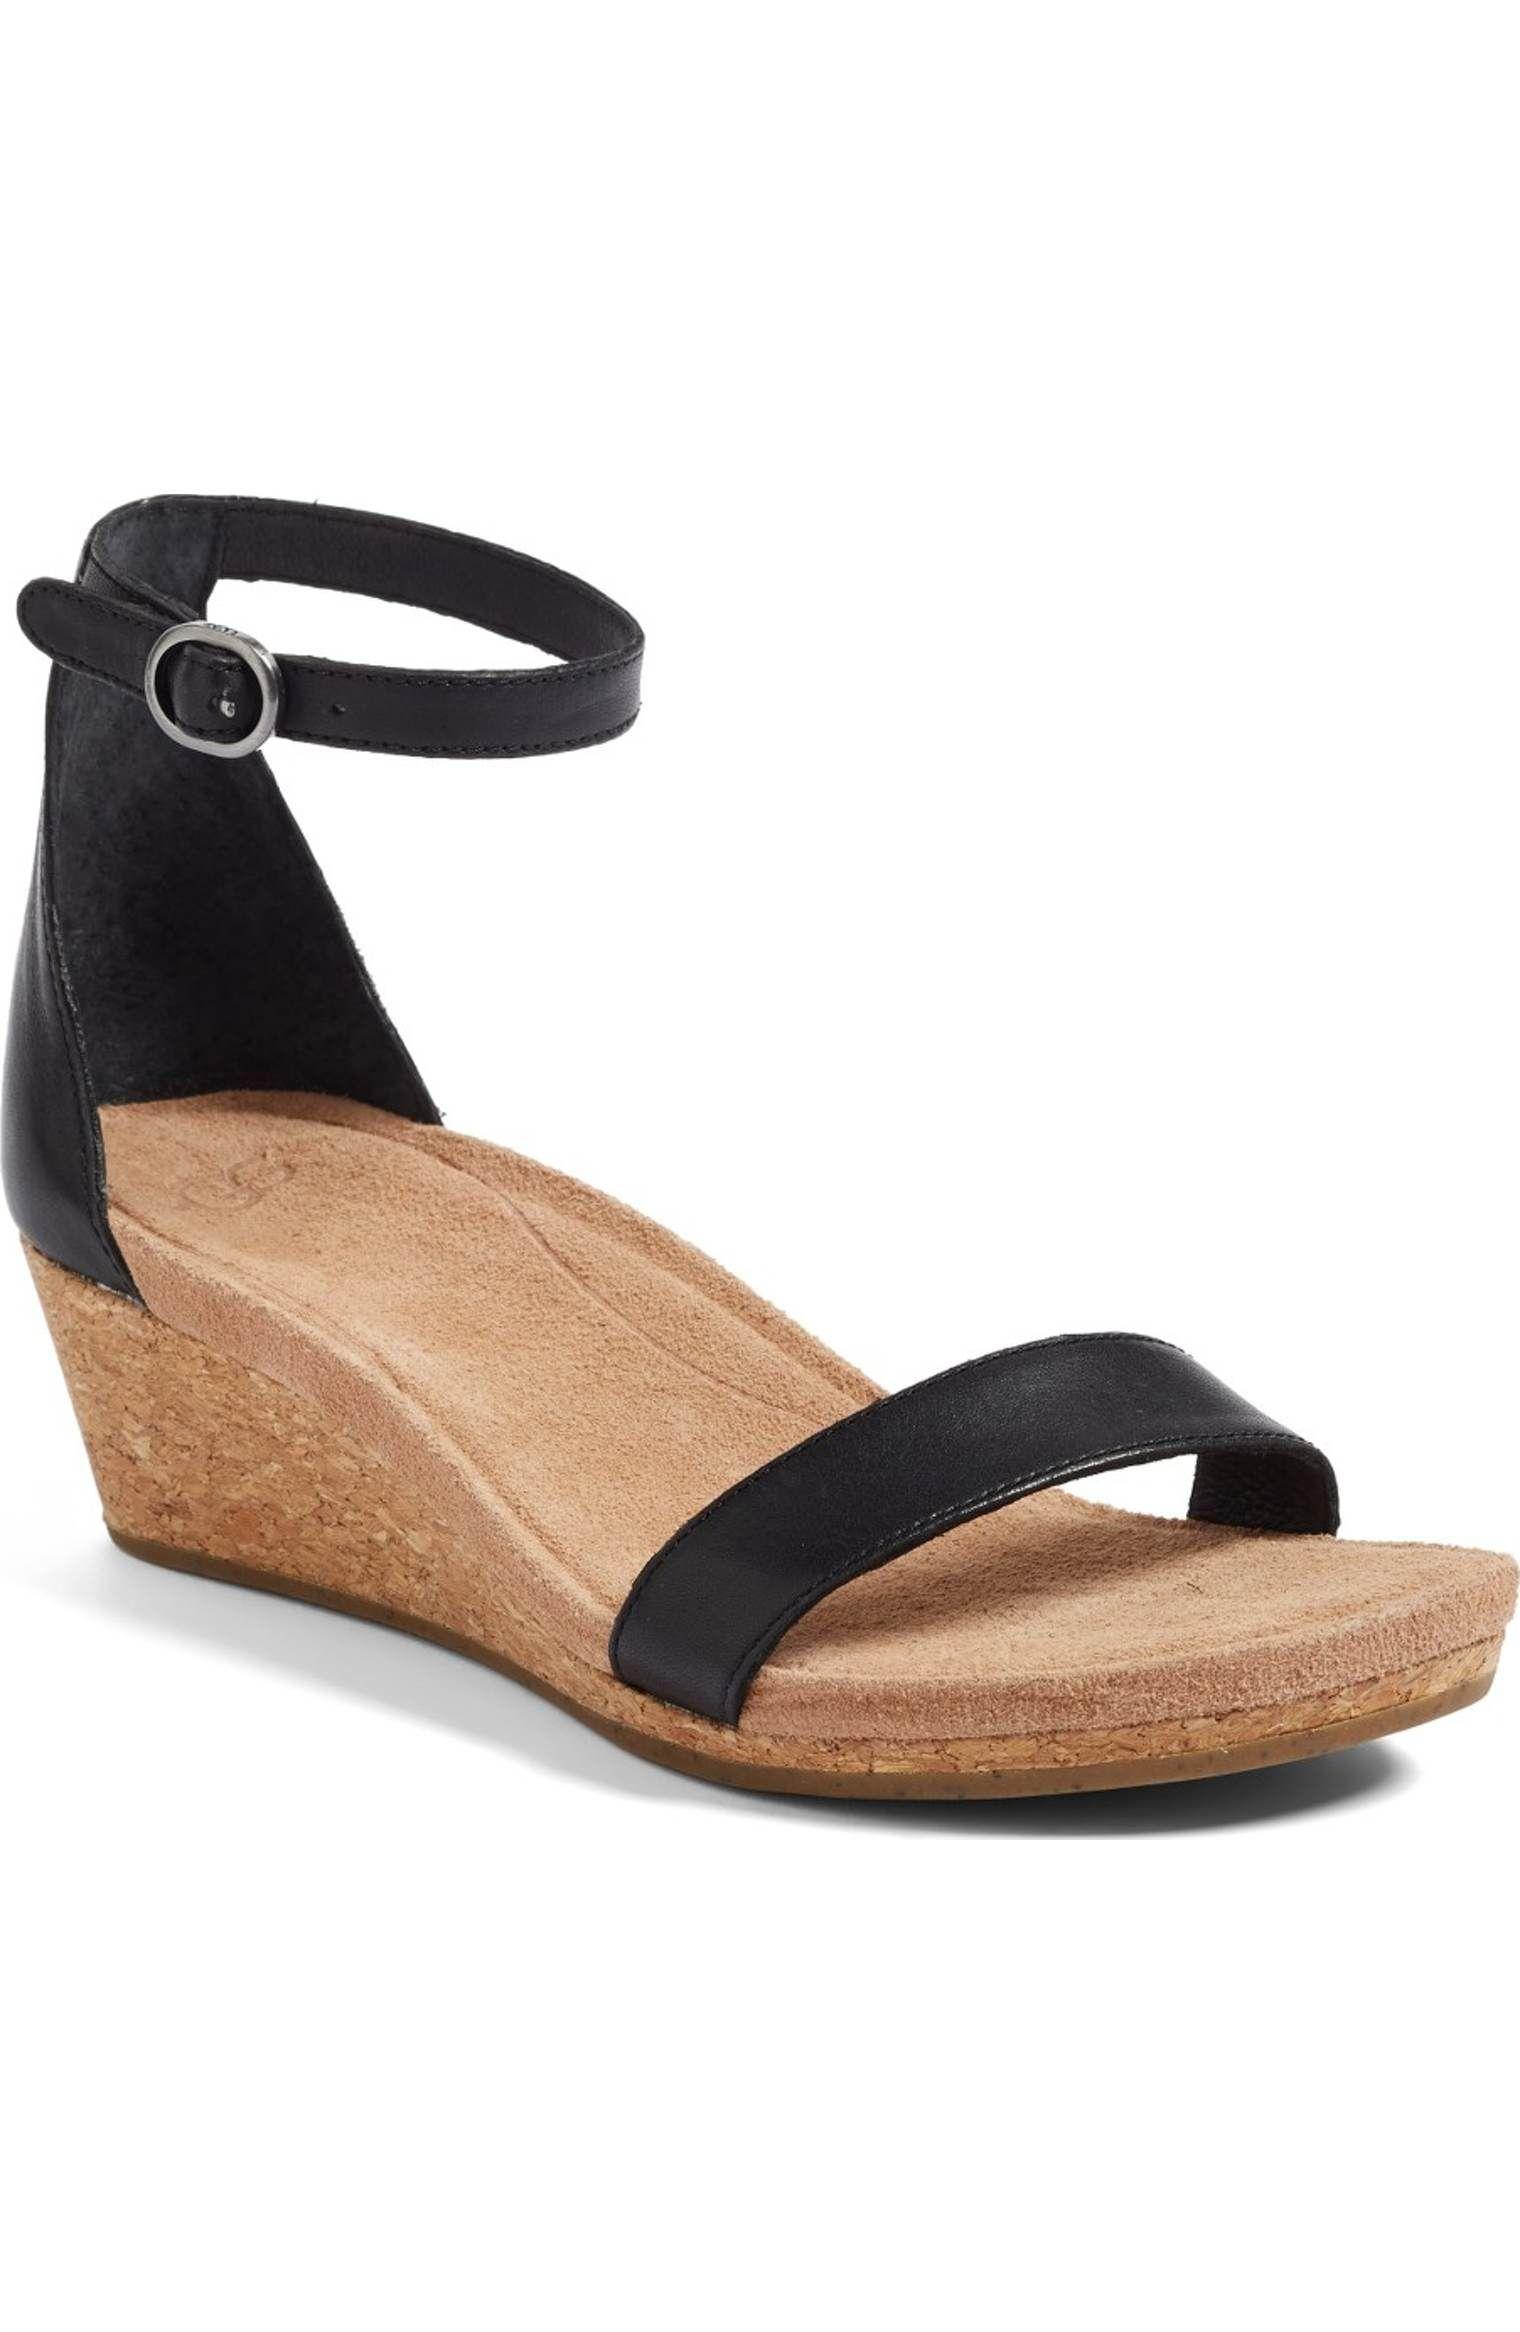 91311f76ed53 Main Image - UGG® Emilia Wedge Sandal (Women)